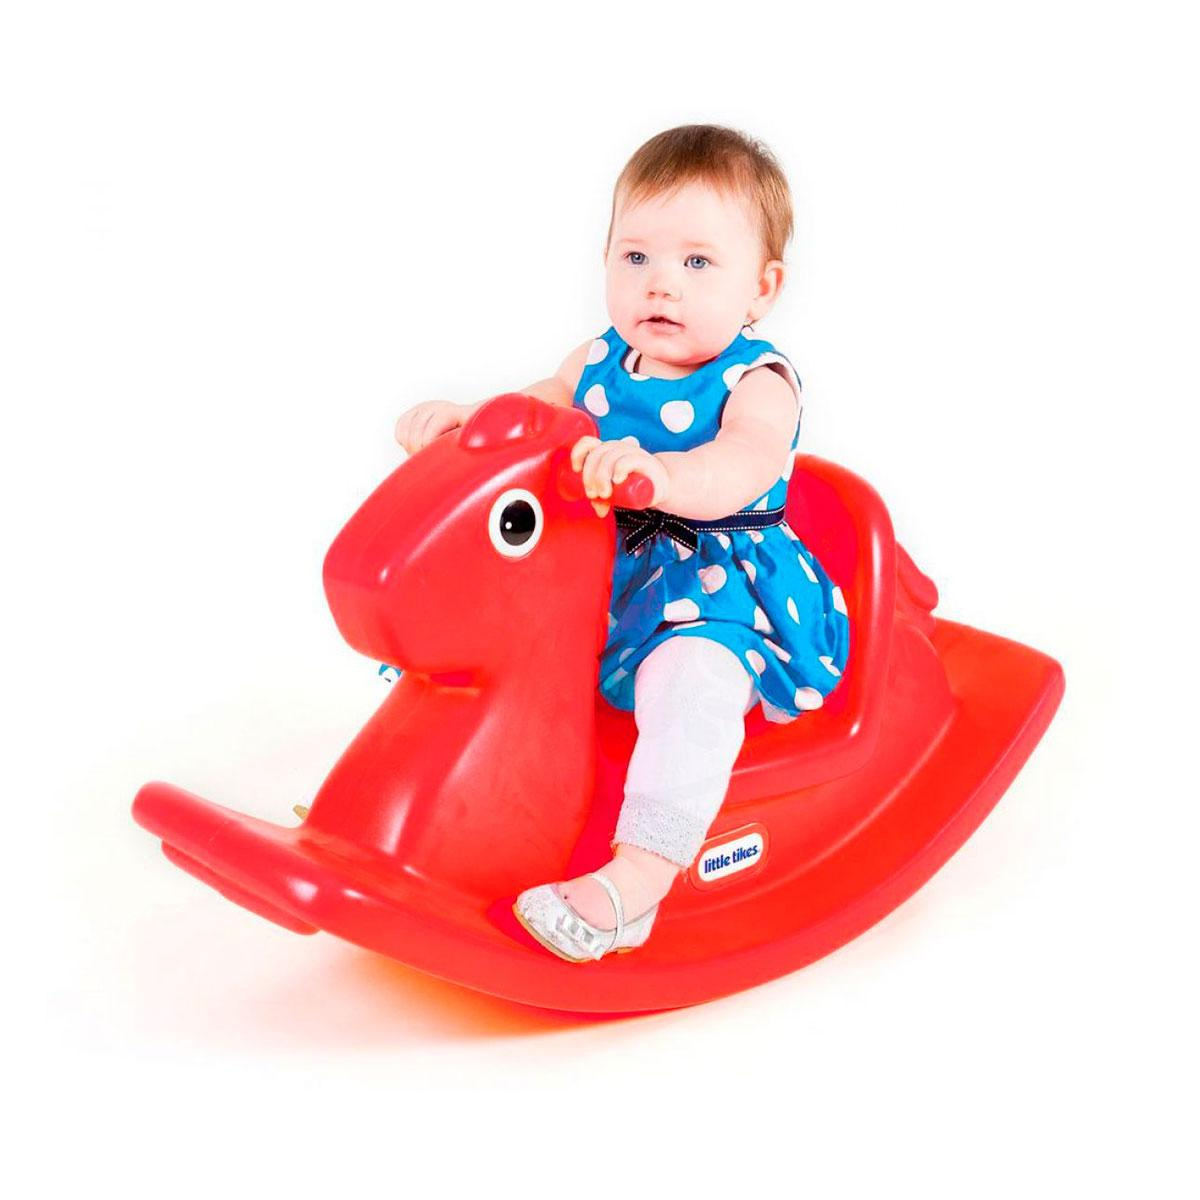 Качалка Little Tikes Веселая лошадка  красная  (167000072)